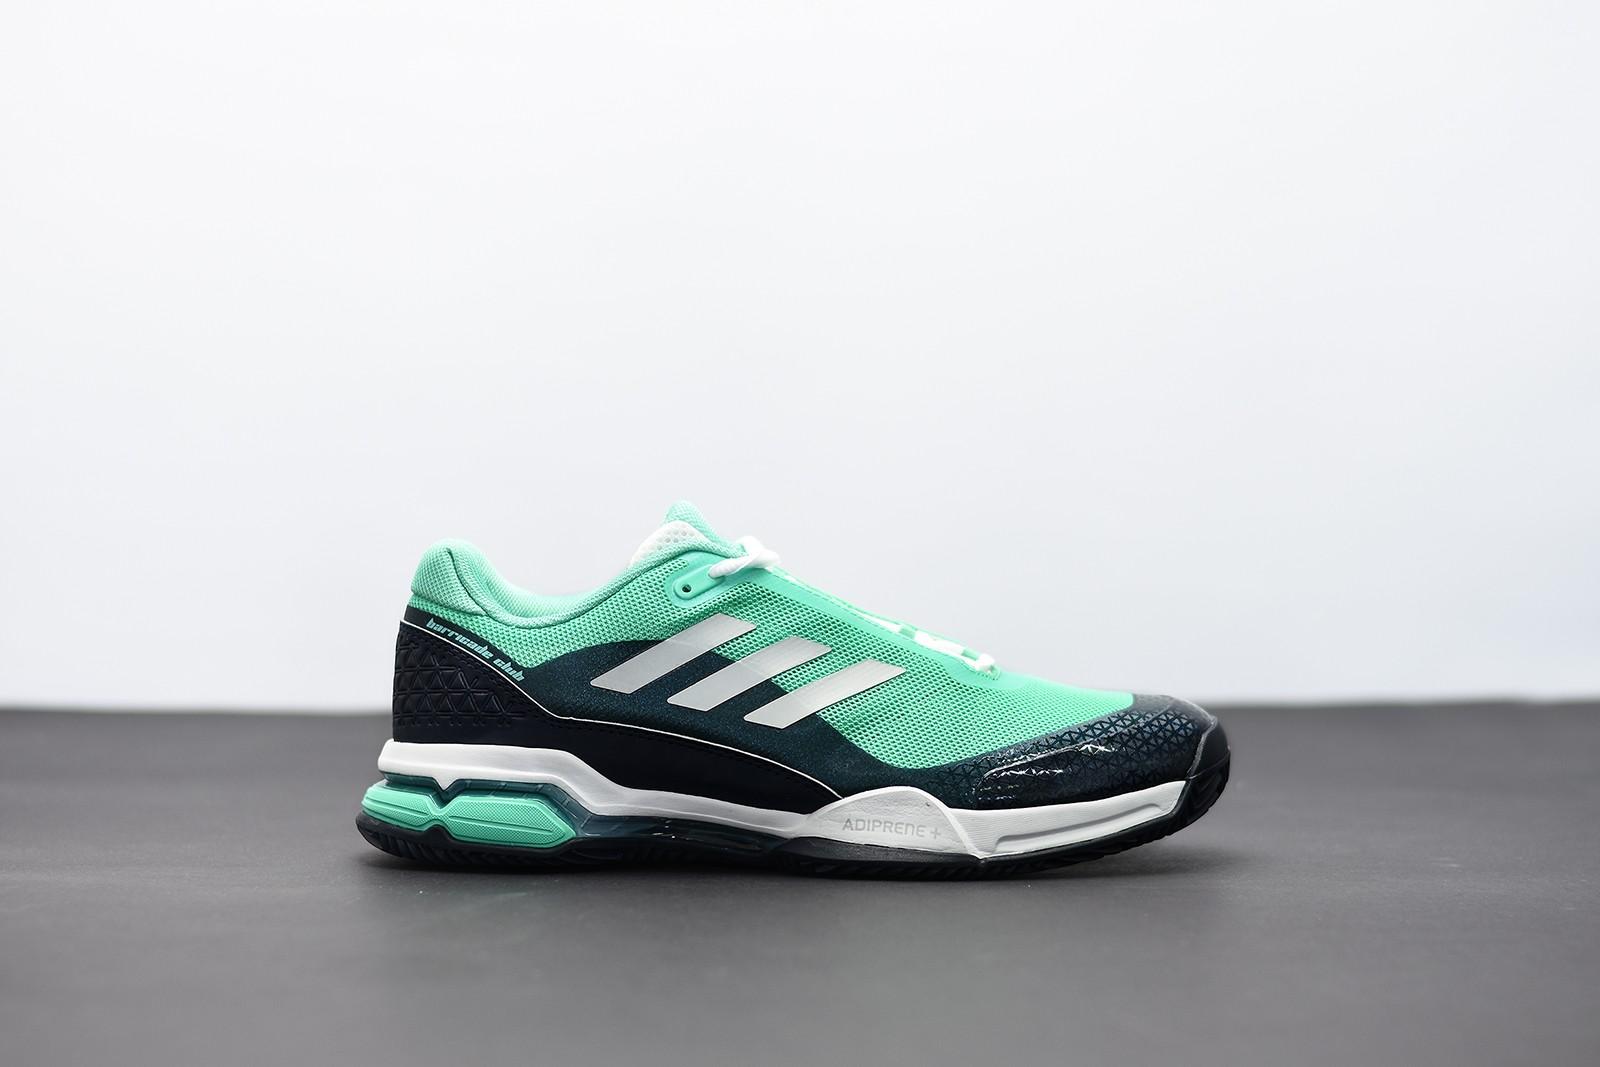 5fb5715163e18 Pánské Tenisové boty adidas Performance barricade club